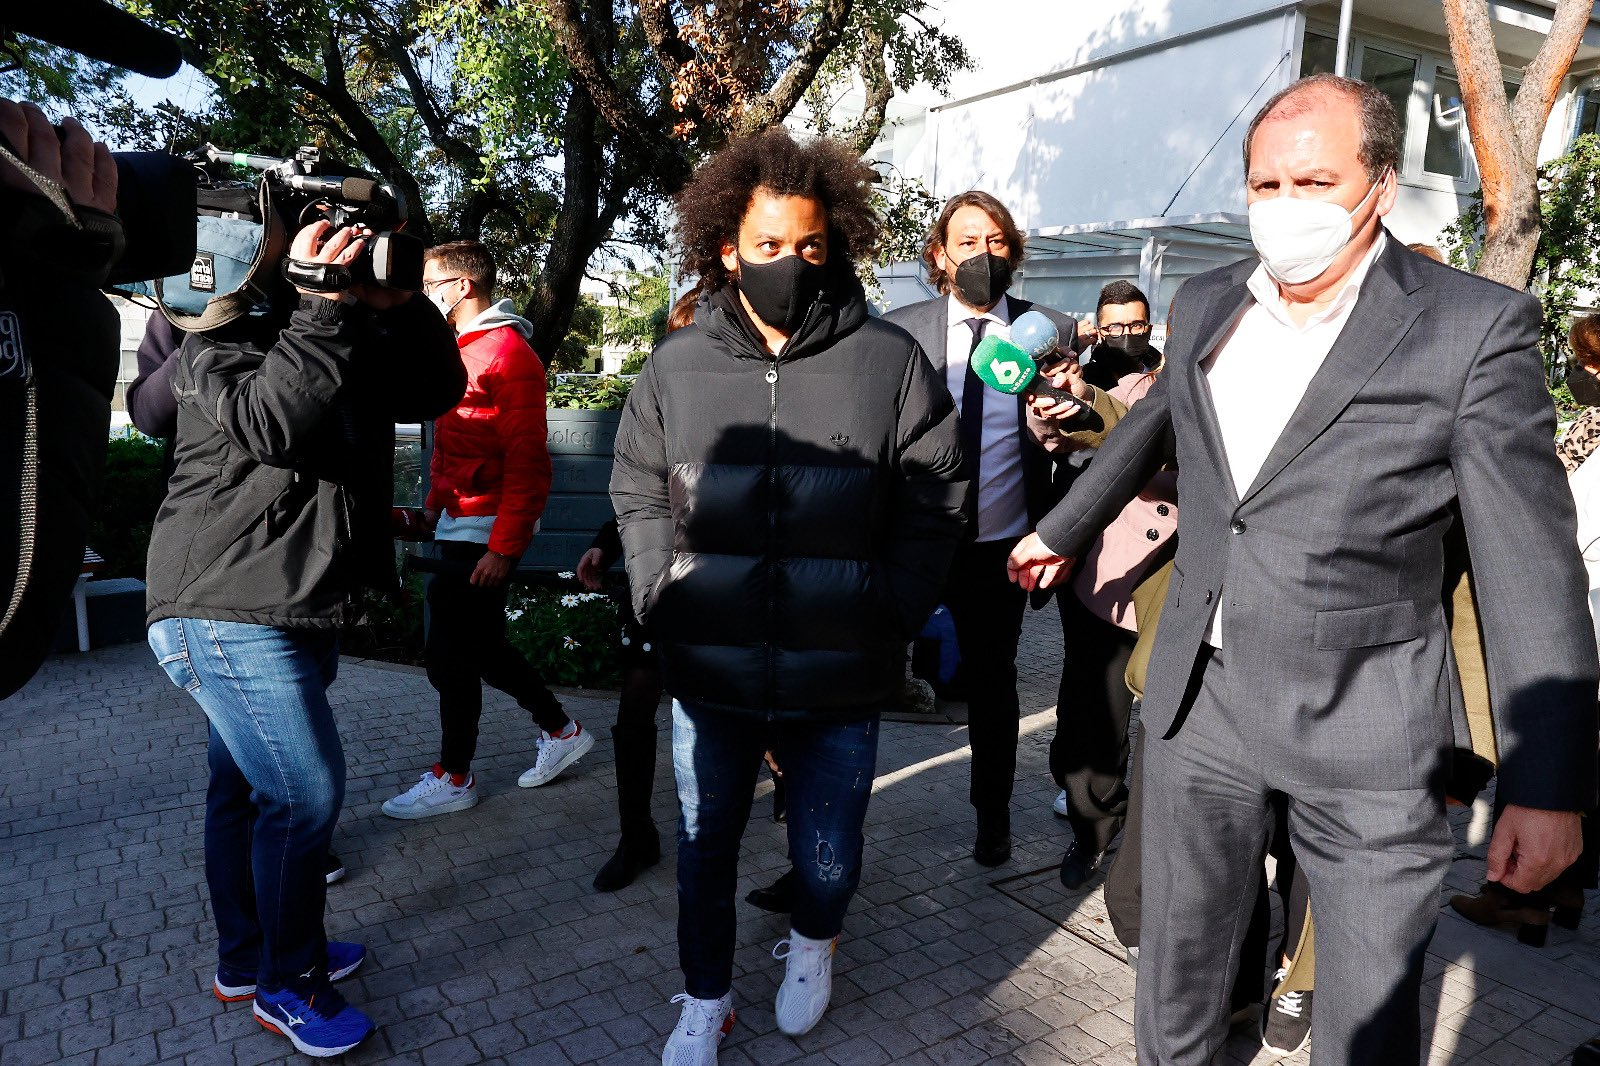 马塞洛抵达社区投票点进行选举服务,逗留1小时后离开